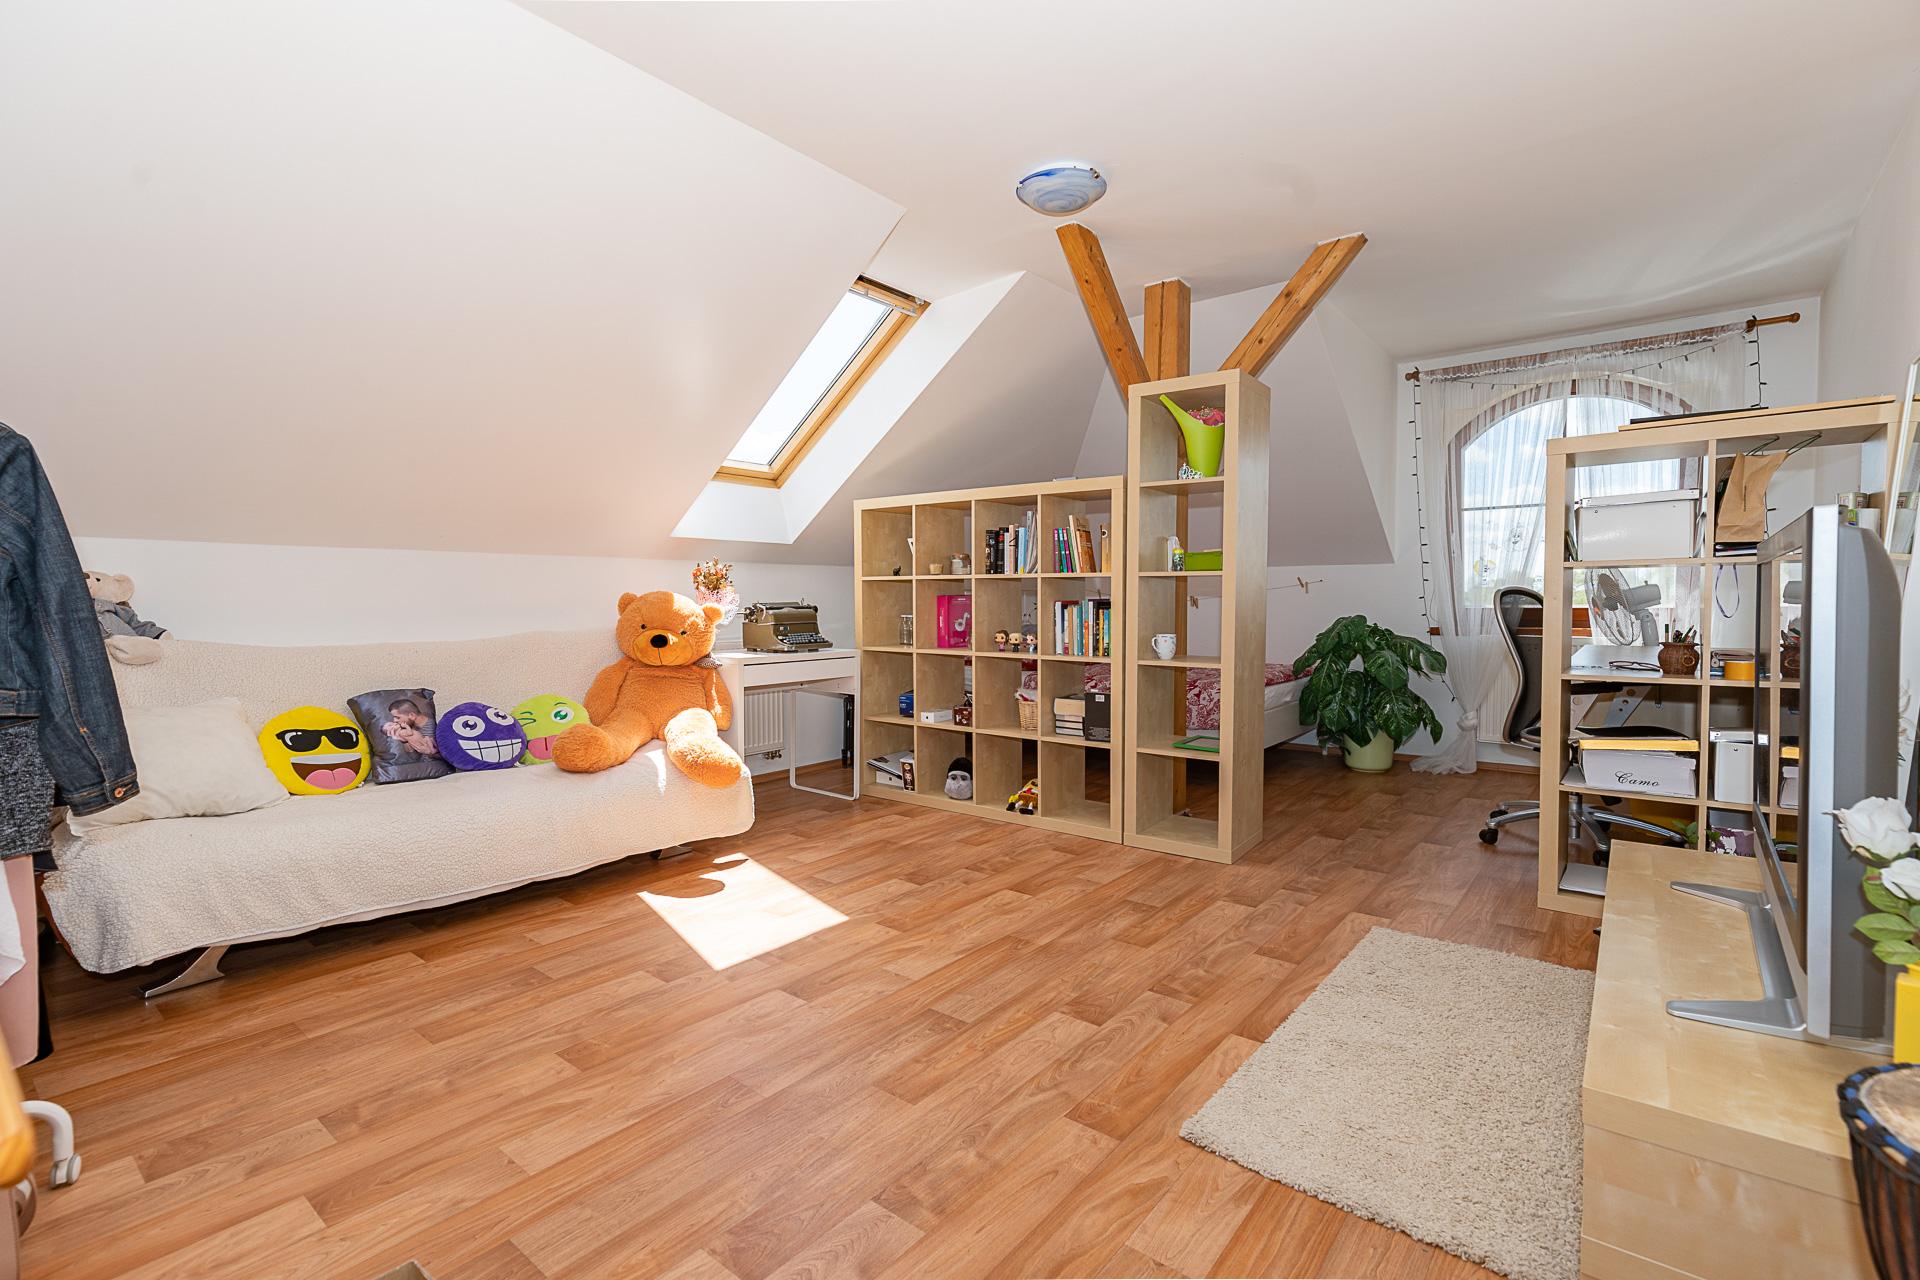 dětský pokoj, gauč s hračkami, nábytkem, TV a pracovním stolem